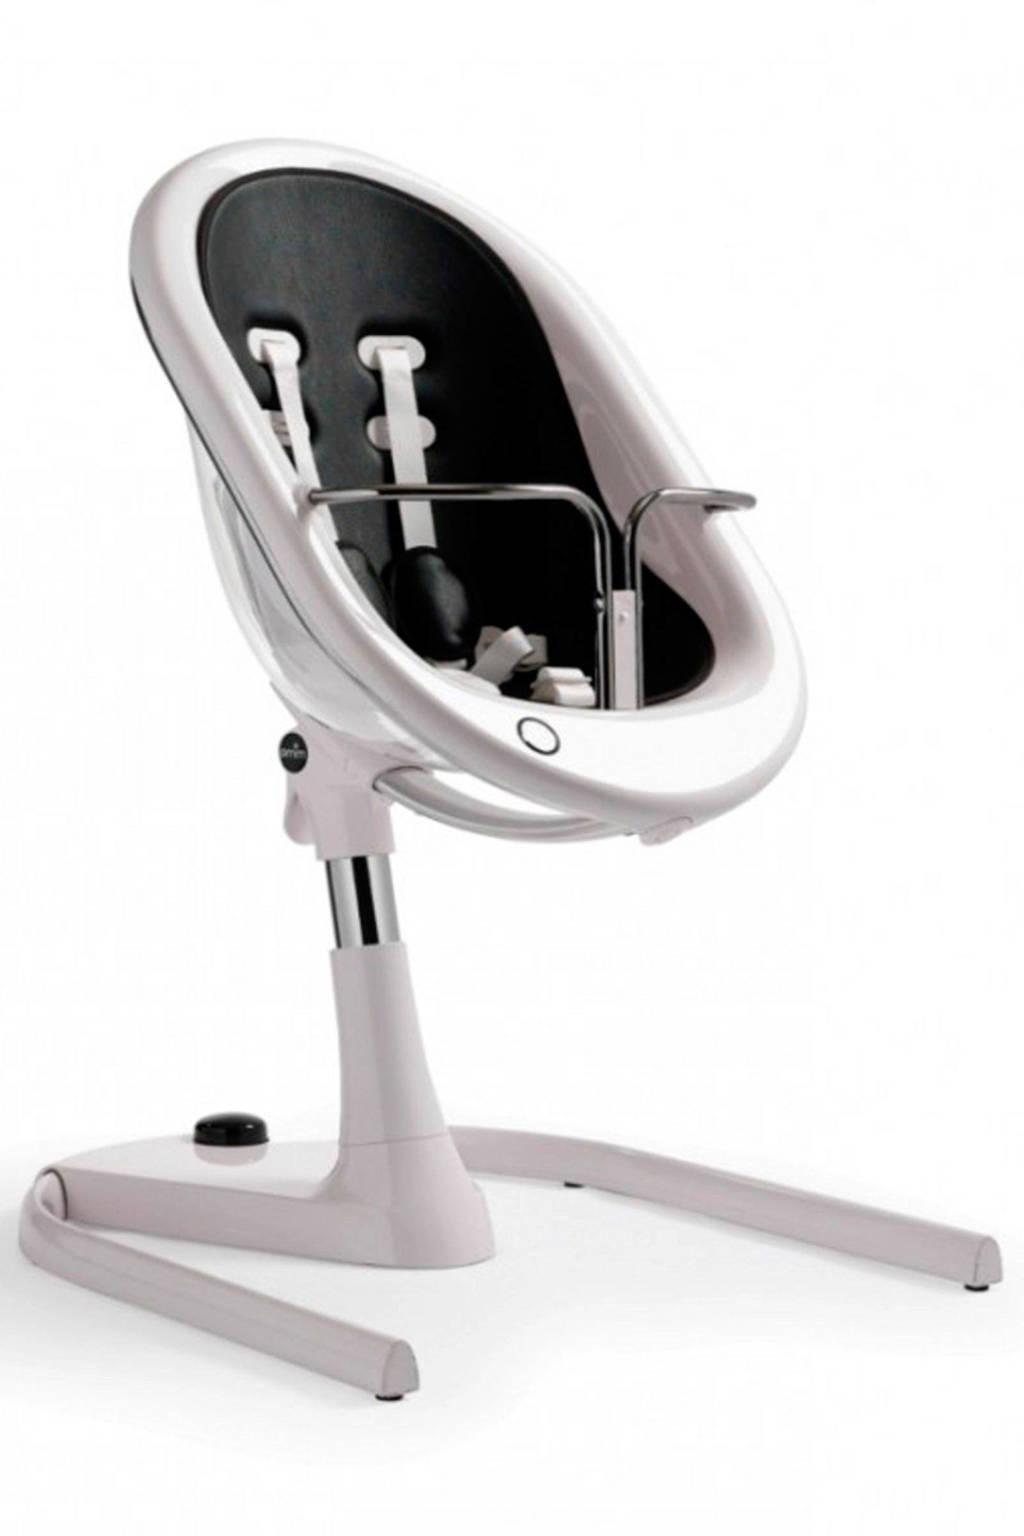 Zitje Voor Kinderstoel.Mima Moon Kinderstoel Crystal Wehkamp